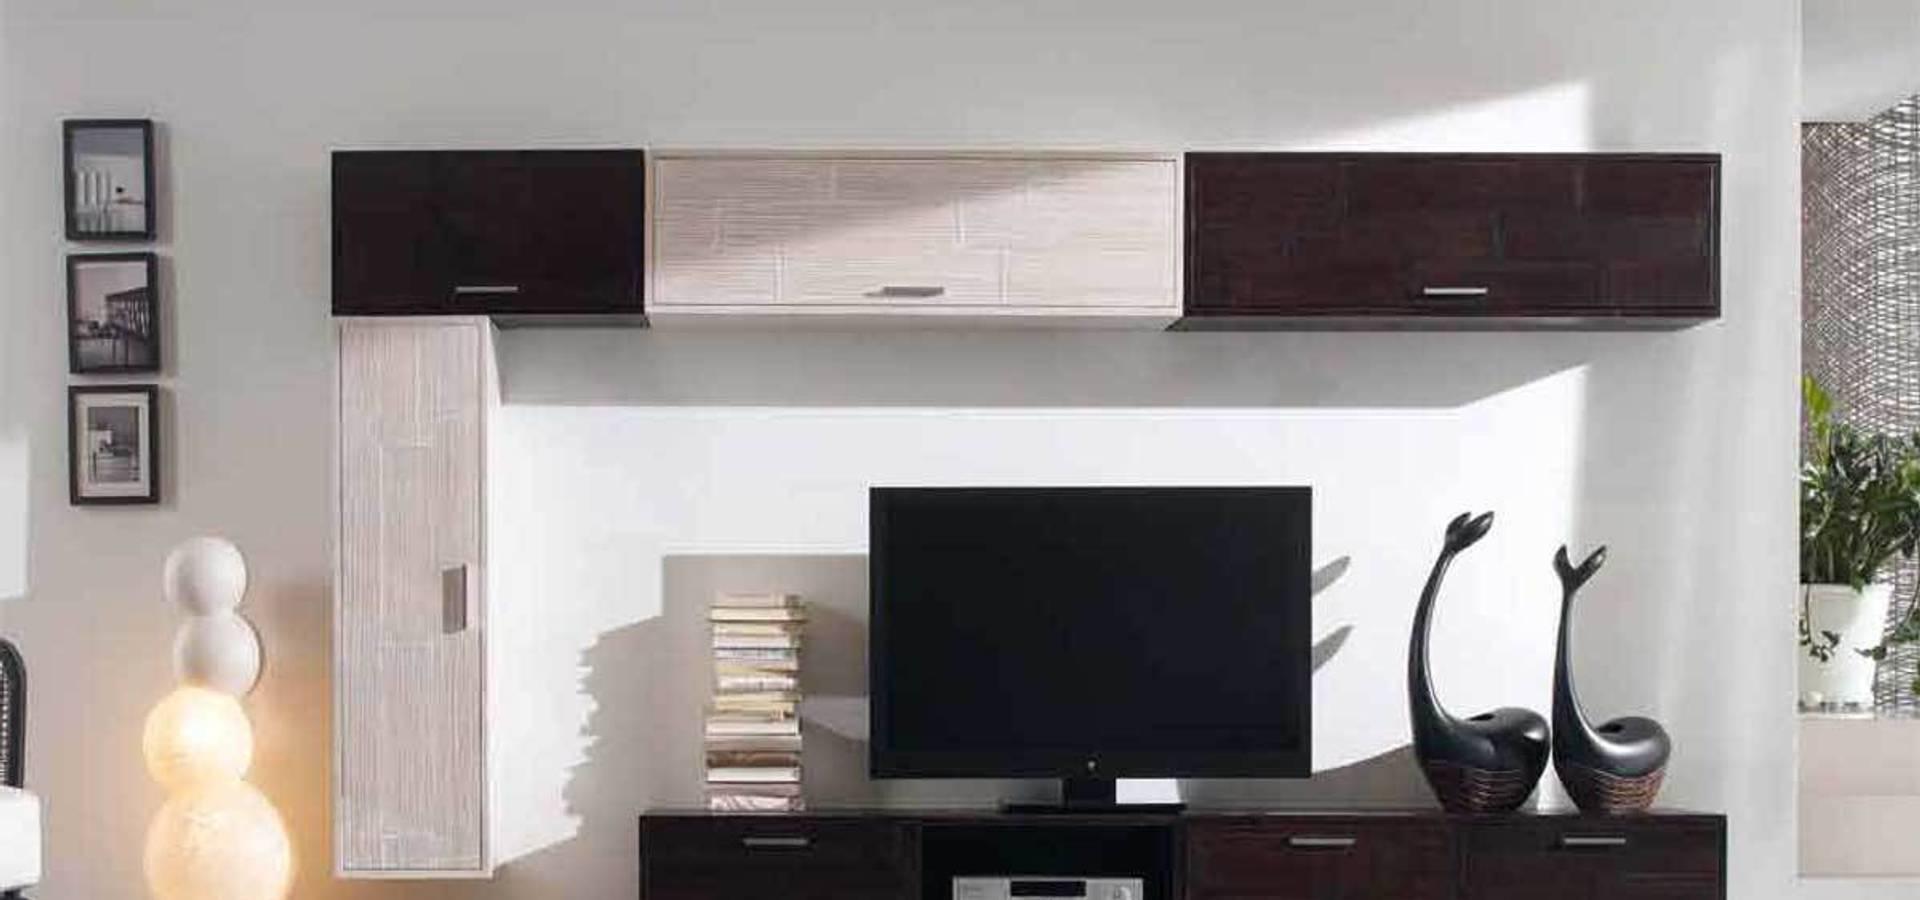 Indah Meubles Modulables En Bambou By Art Bambou Homify # Meuble Tv Composable Design